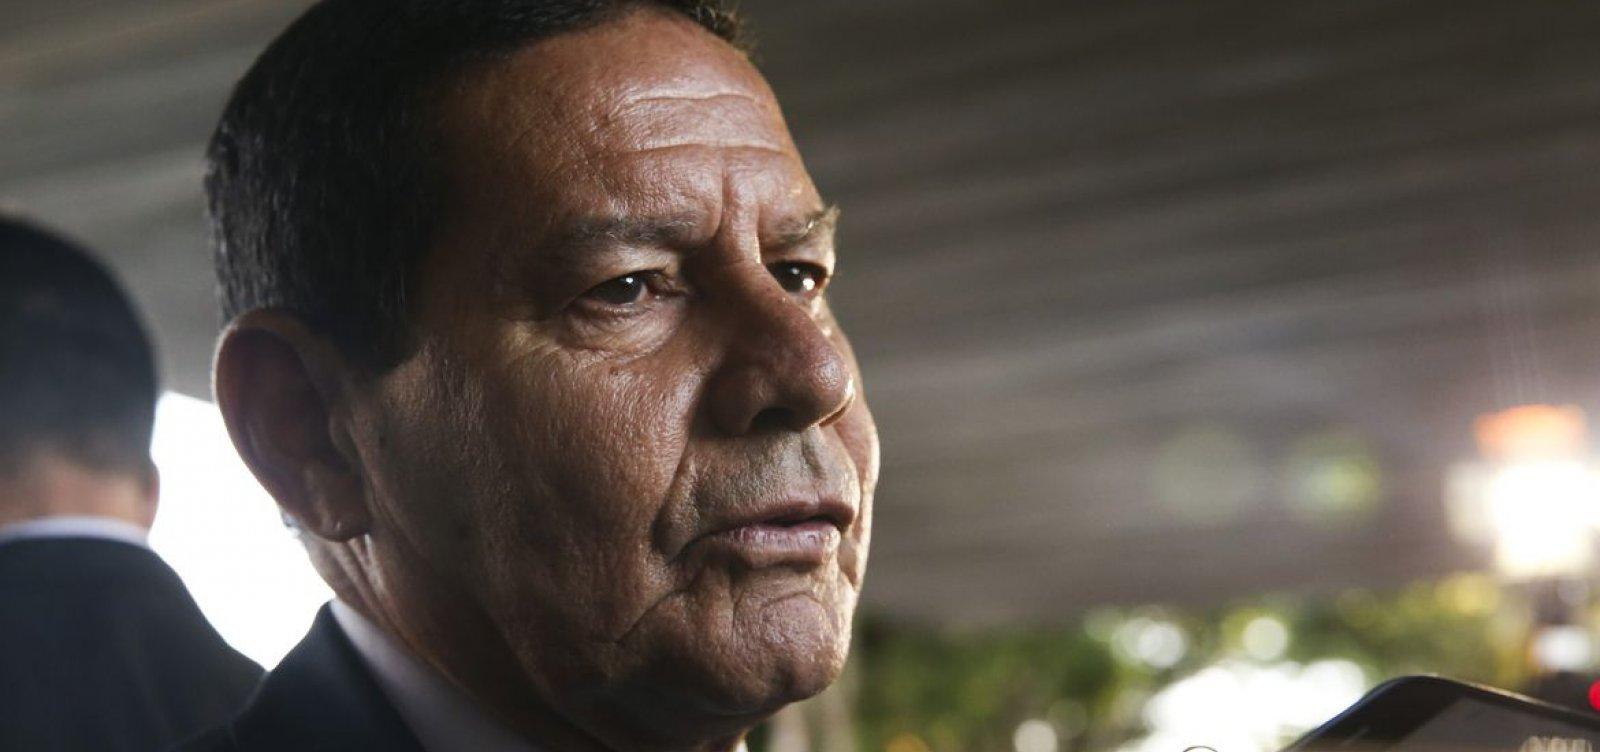 """Mourão diz que ministro da CGU """"deu uma aloprada"""" ao ofender senadora na CPI da Covid"""